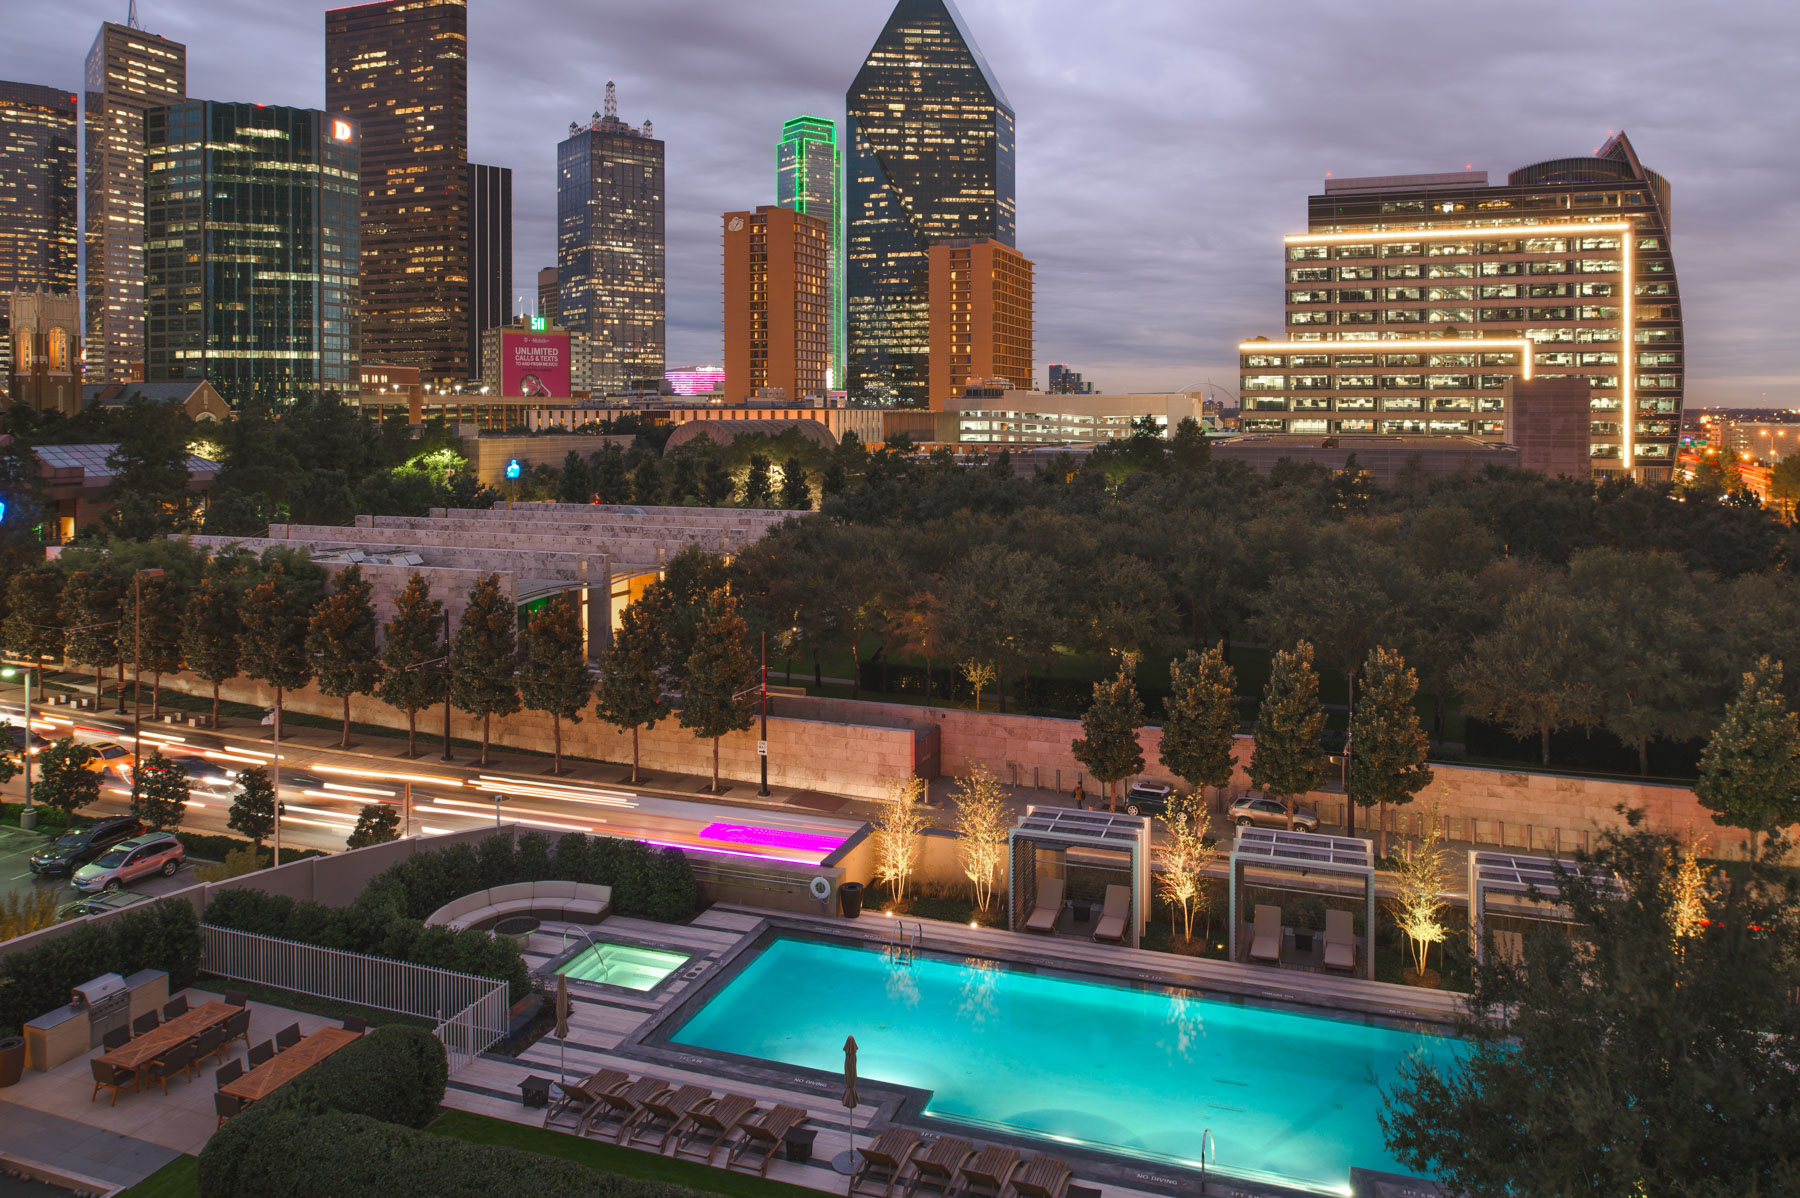 Condominium for Sale at Museum Tower Condominium 1918 N Olive St 403 Dallas, Texas, 75201 United States